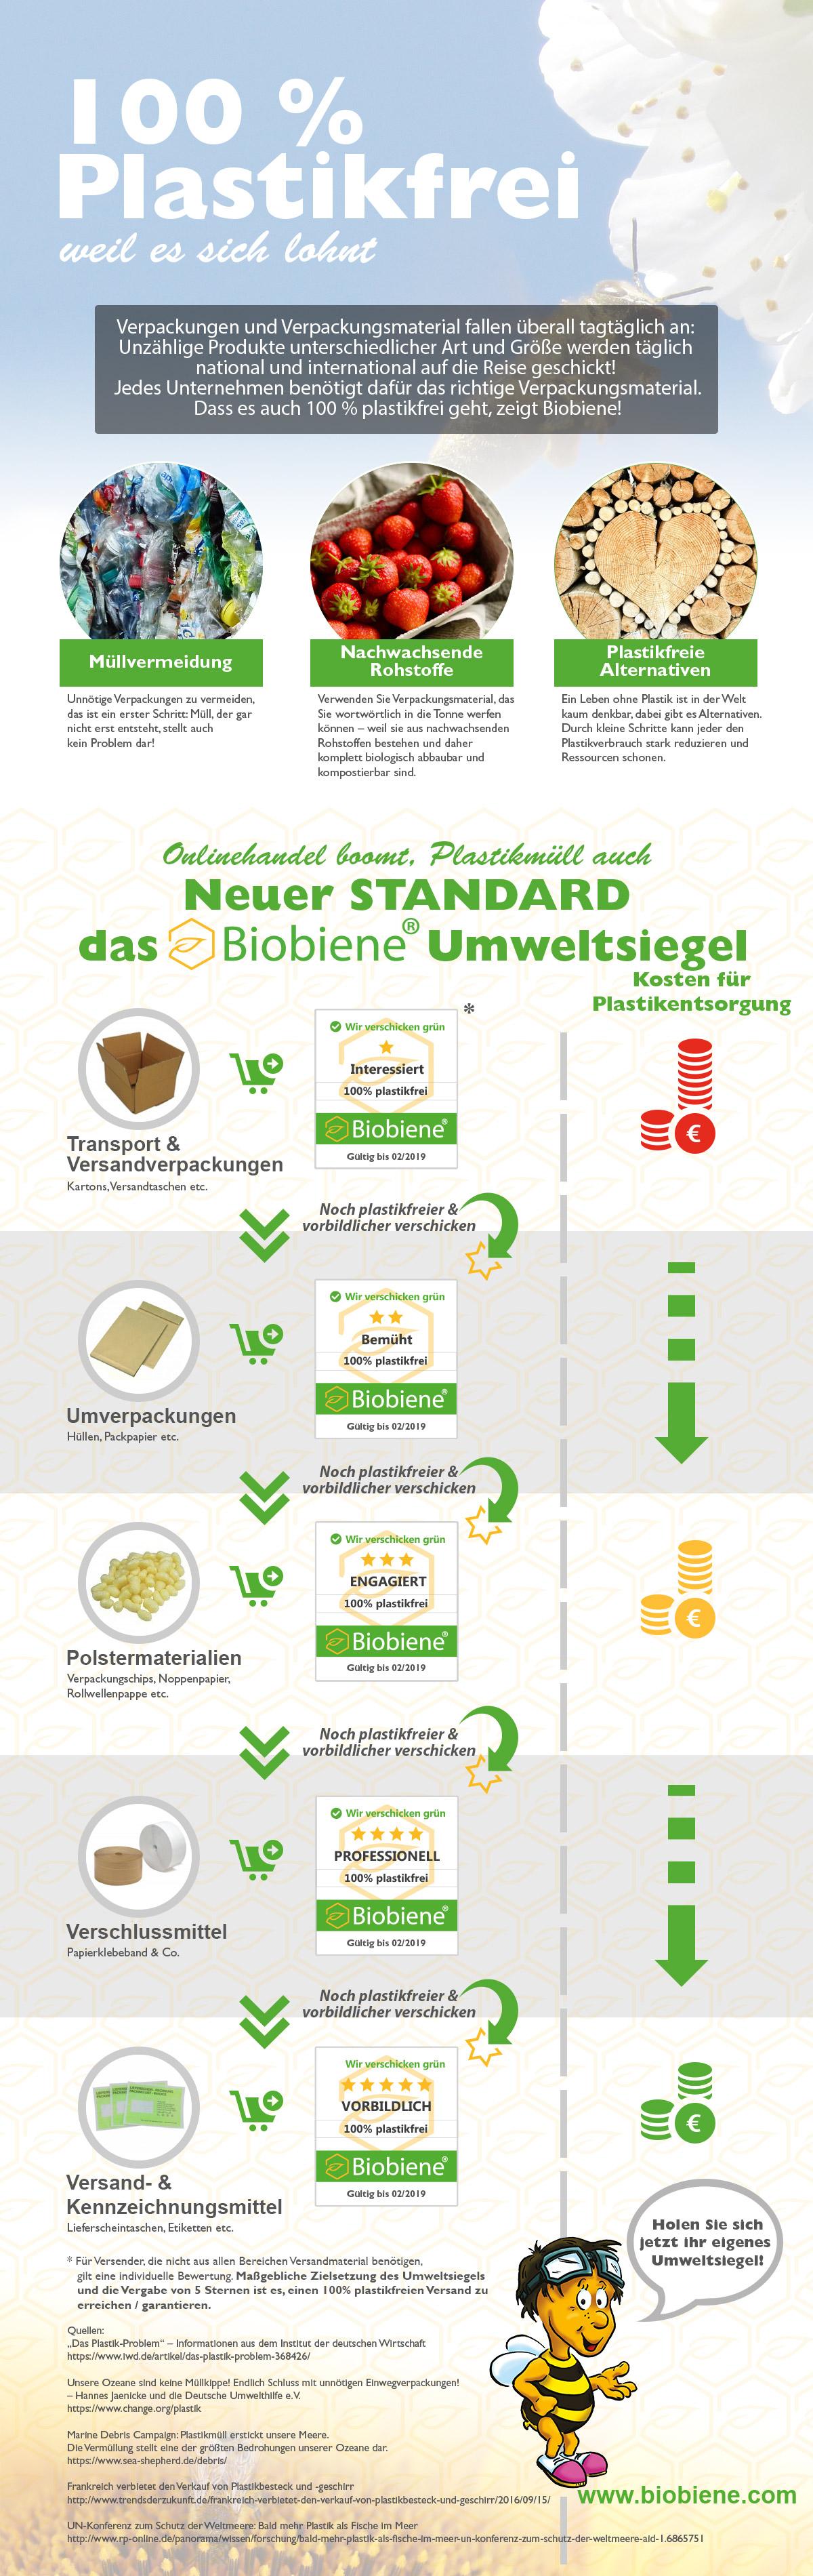 Das Umweltsiegel von Biobiene.com